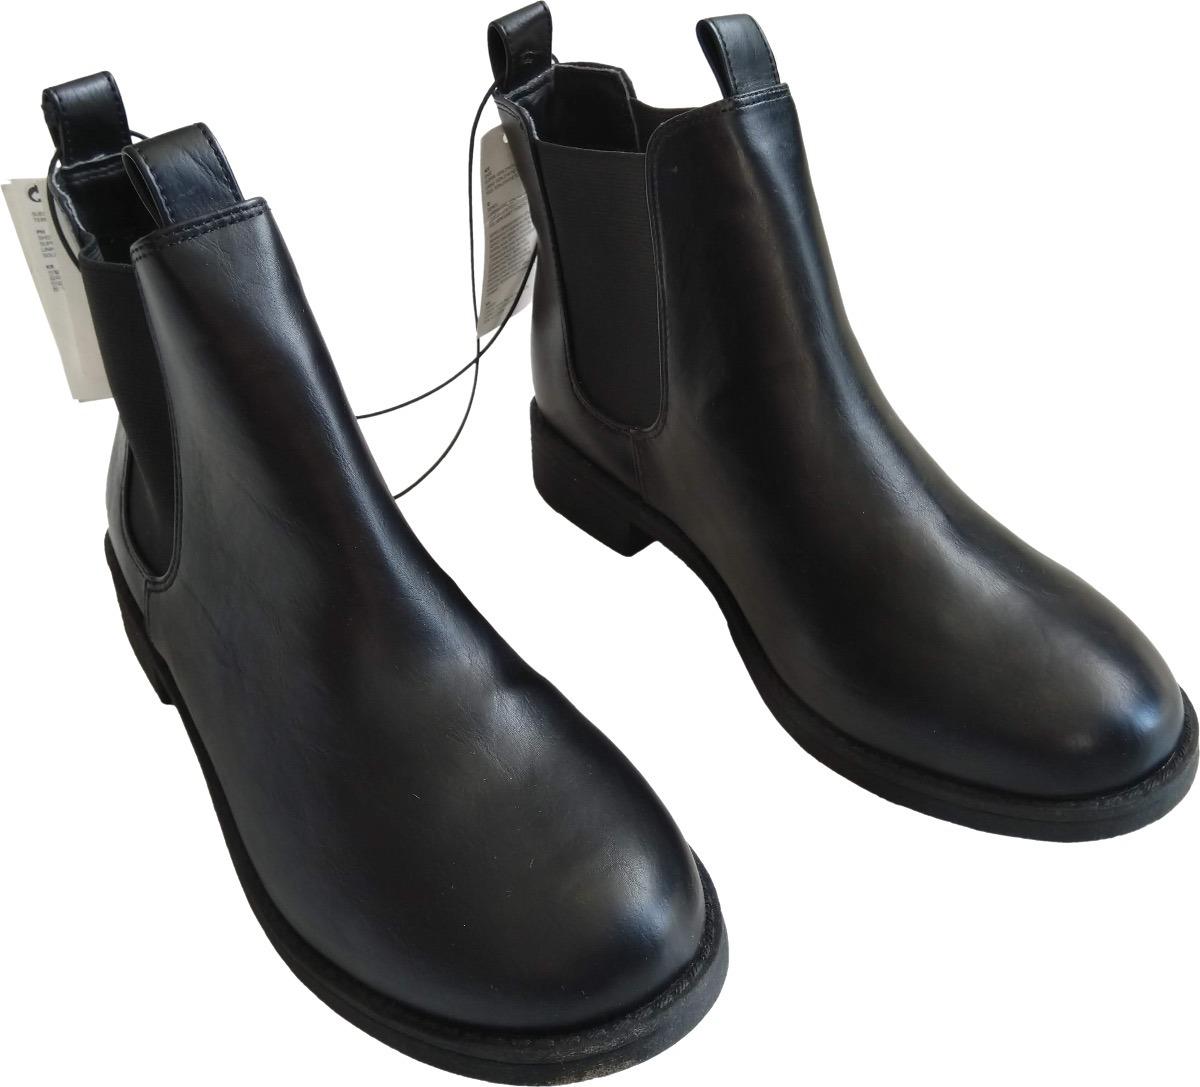 0b4e4033f056d Botín Zapato Para Dama H m Nueva -   550.00 en Mercado Libre